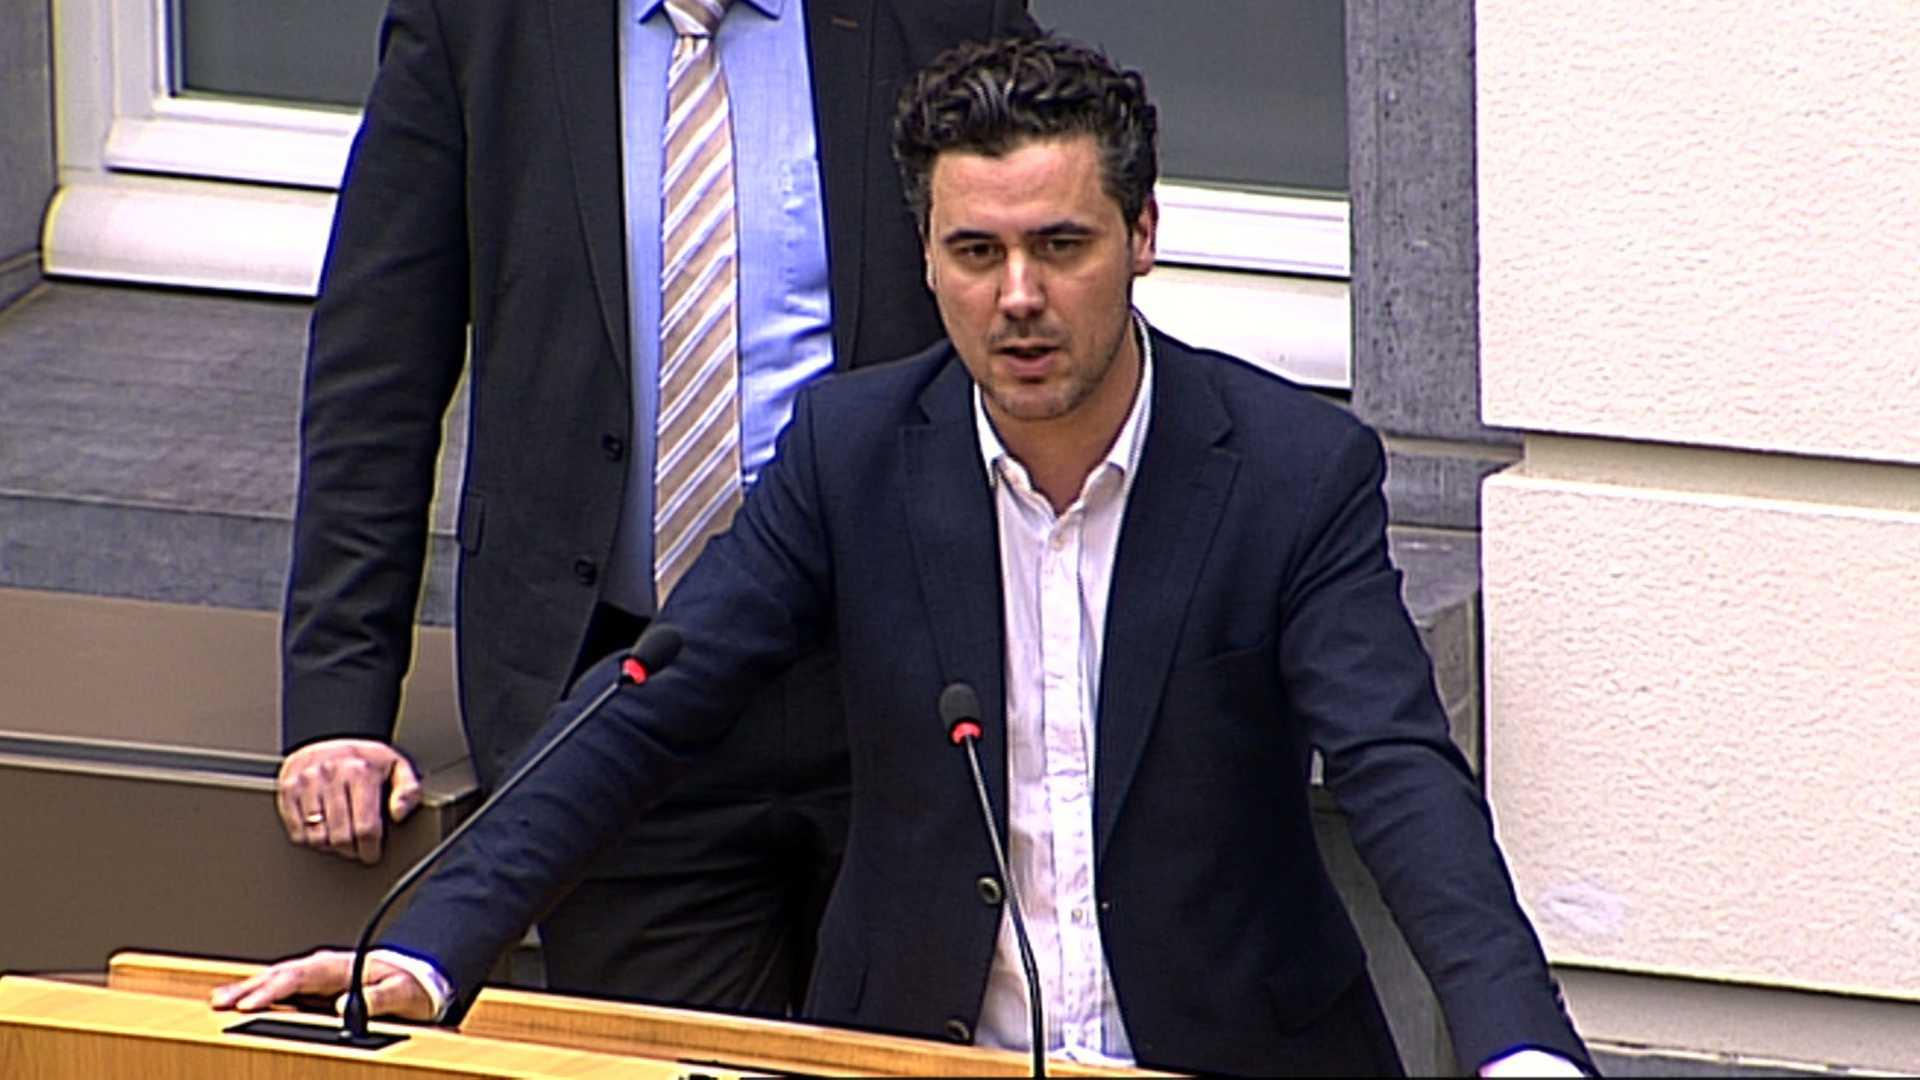 """#spraakmakers: """"Al 4 jaar zie ik de files toenemen"""" - Joris Vandenbroucke"""